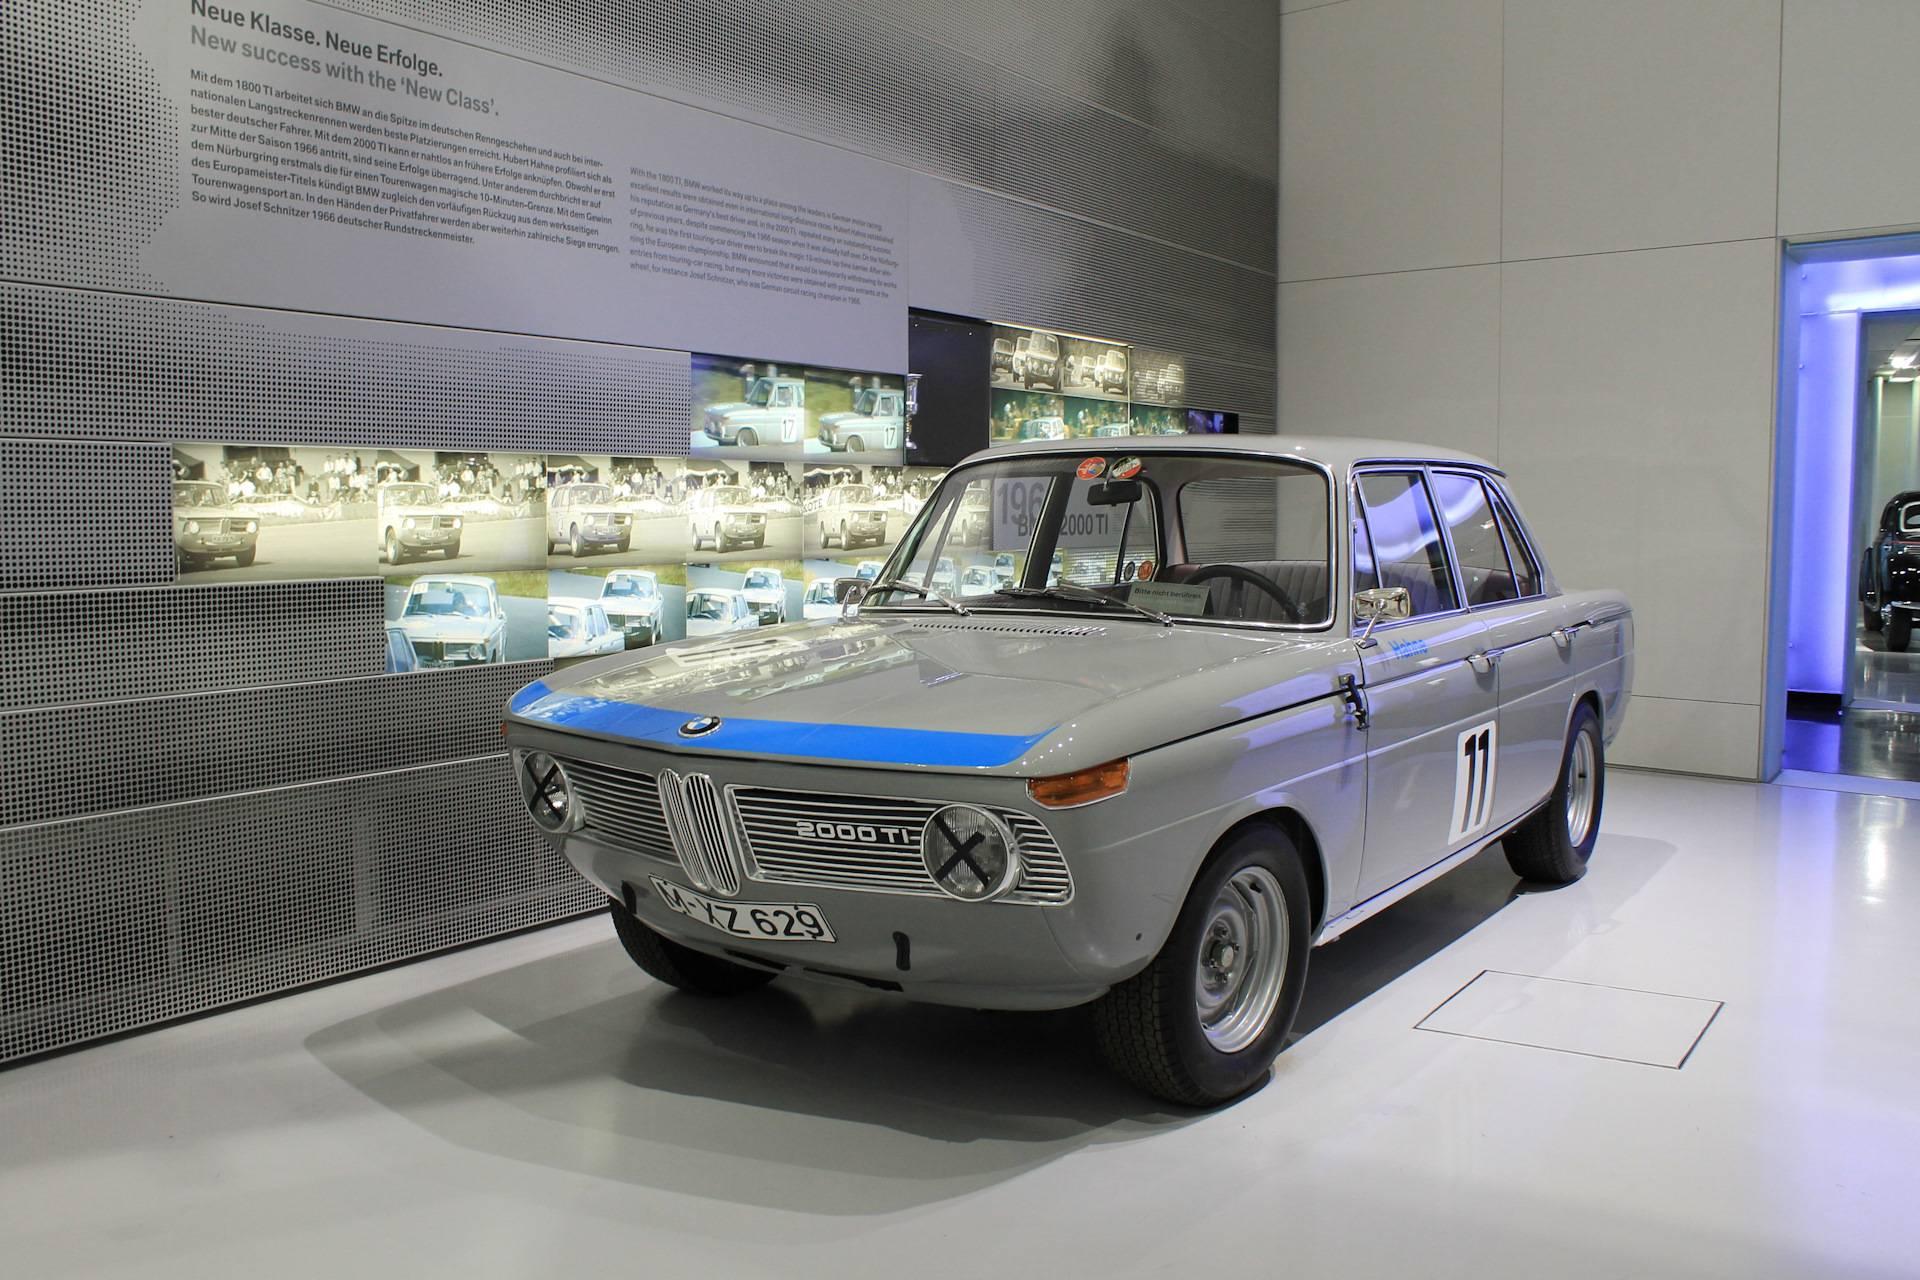 Музей бмв в мюнхене: как добраться, цена и отзывы